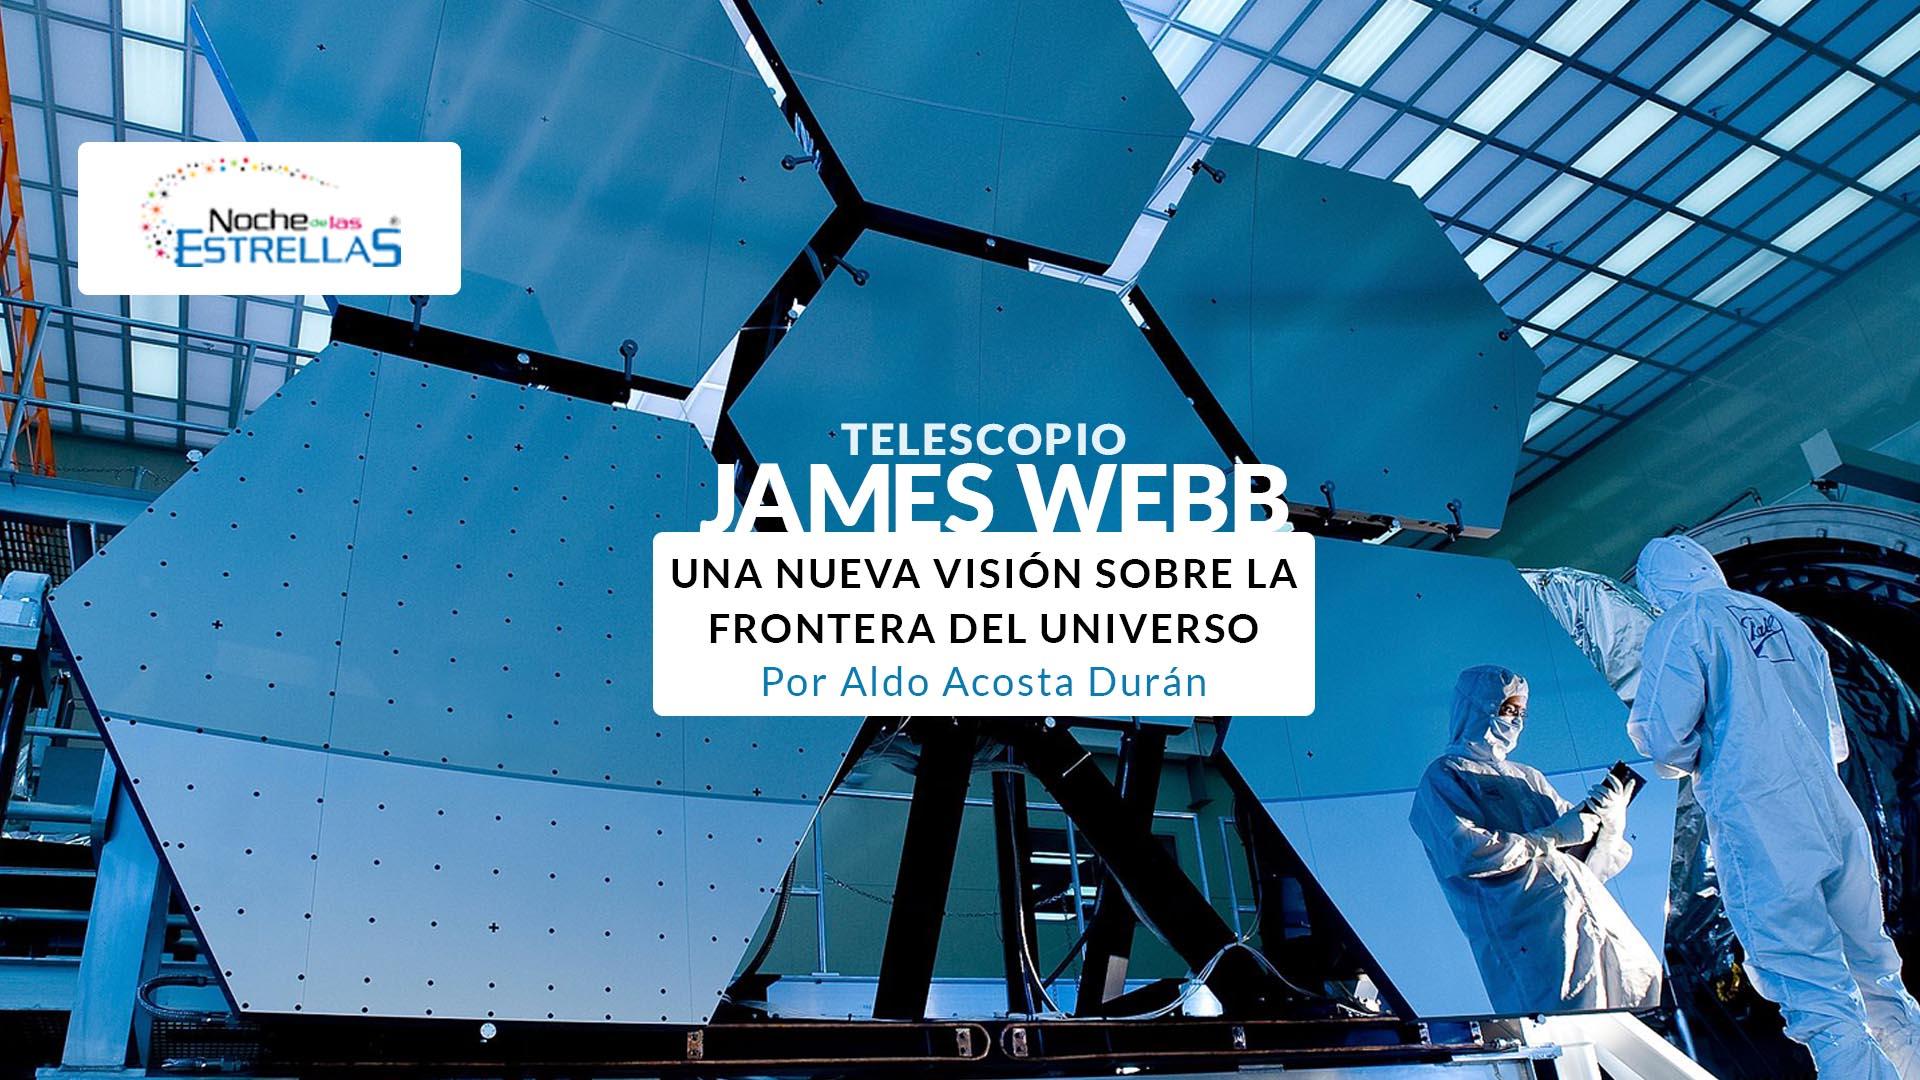 Telescopio James Webb ¡Conócelo!